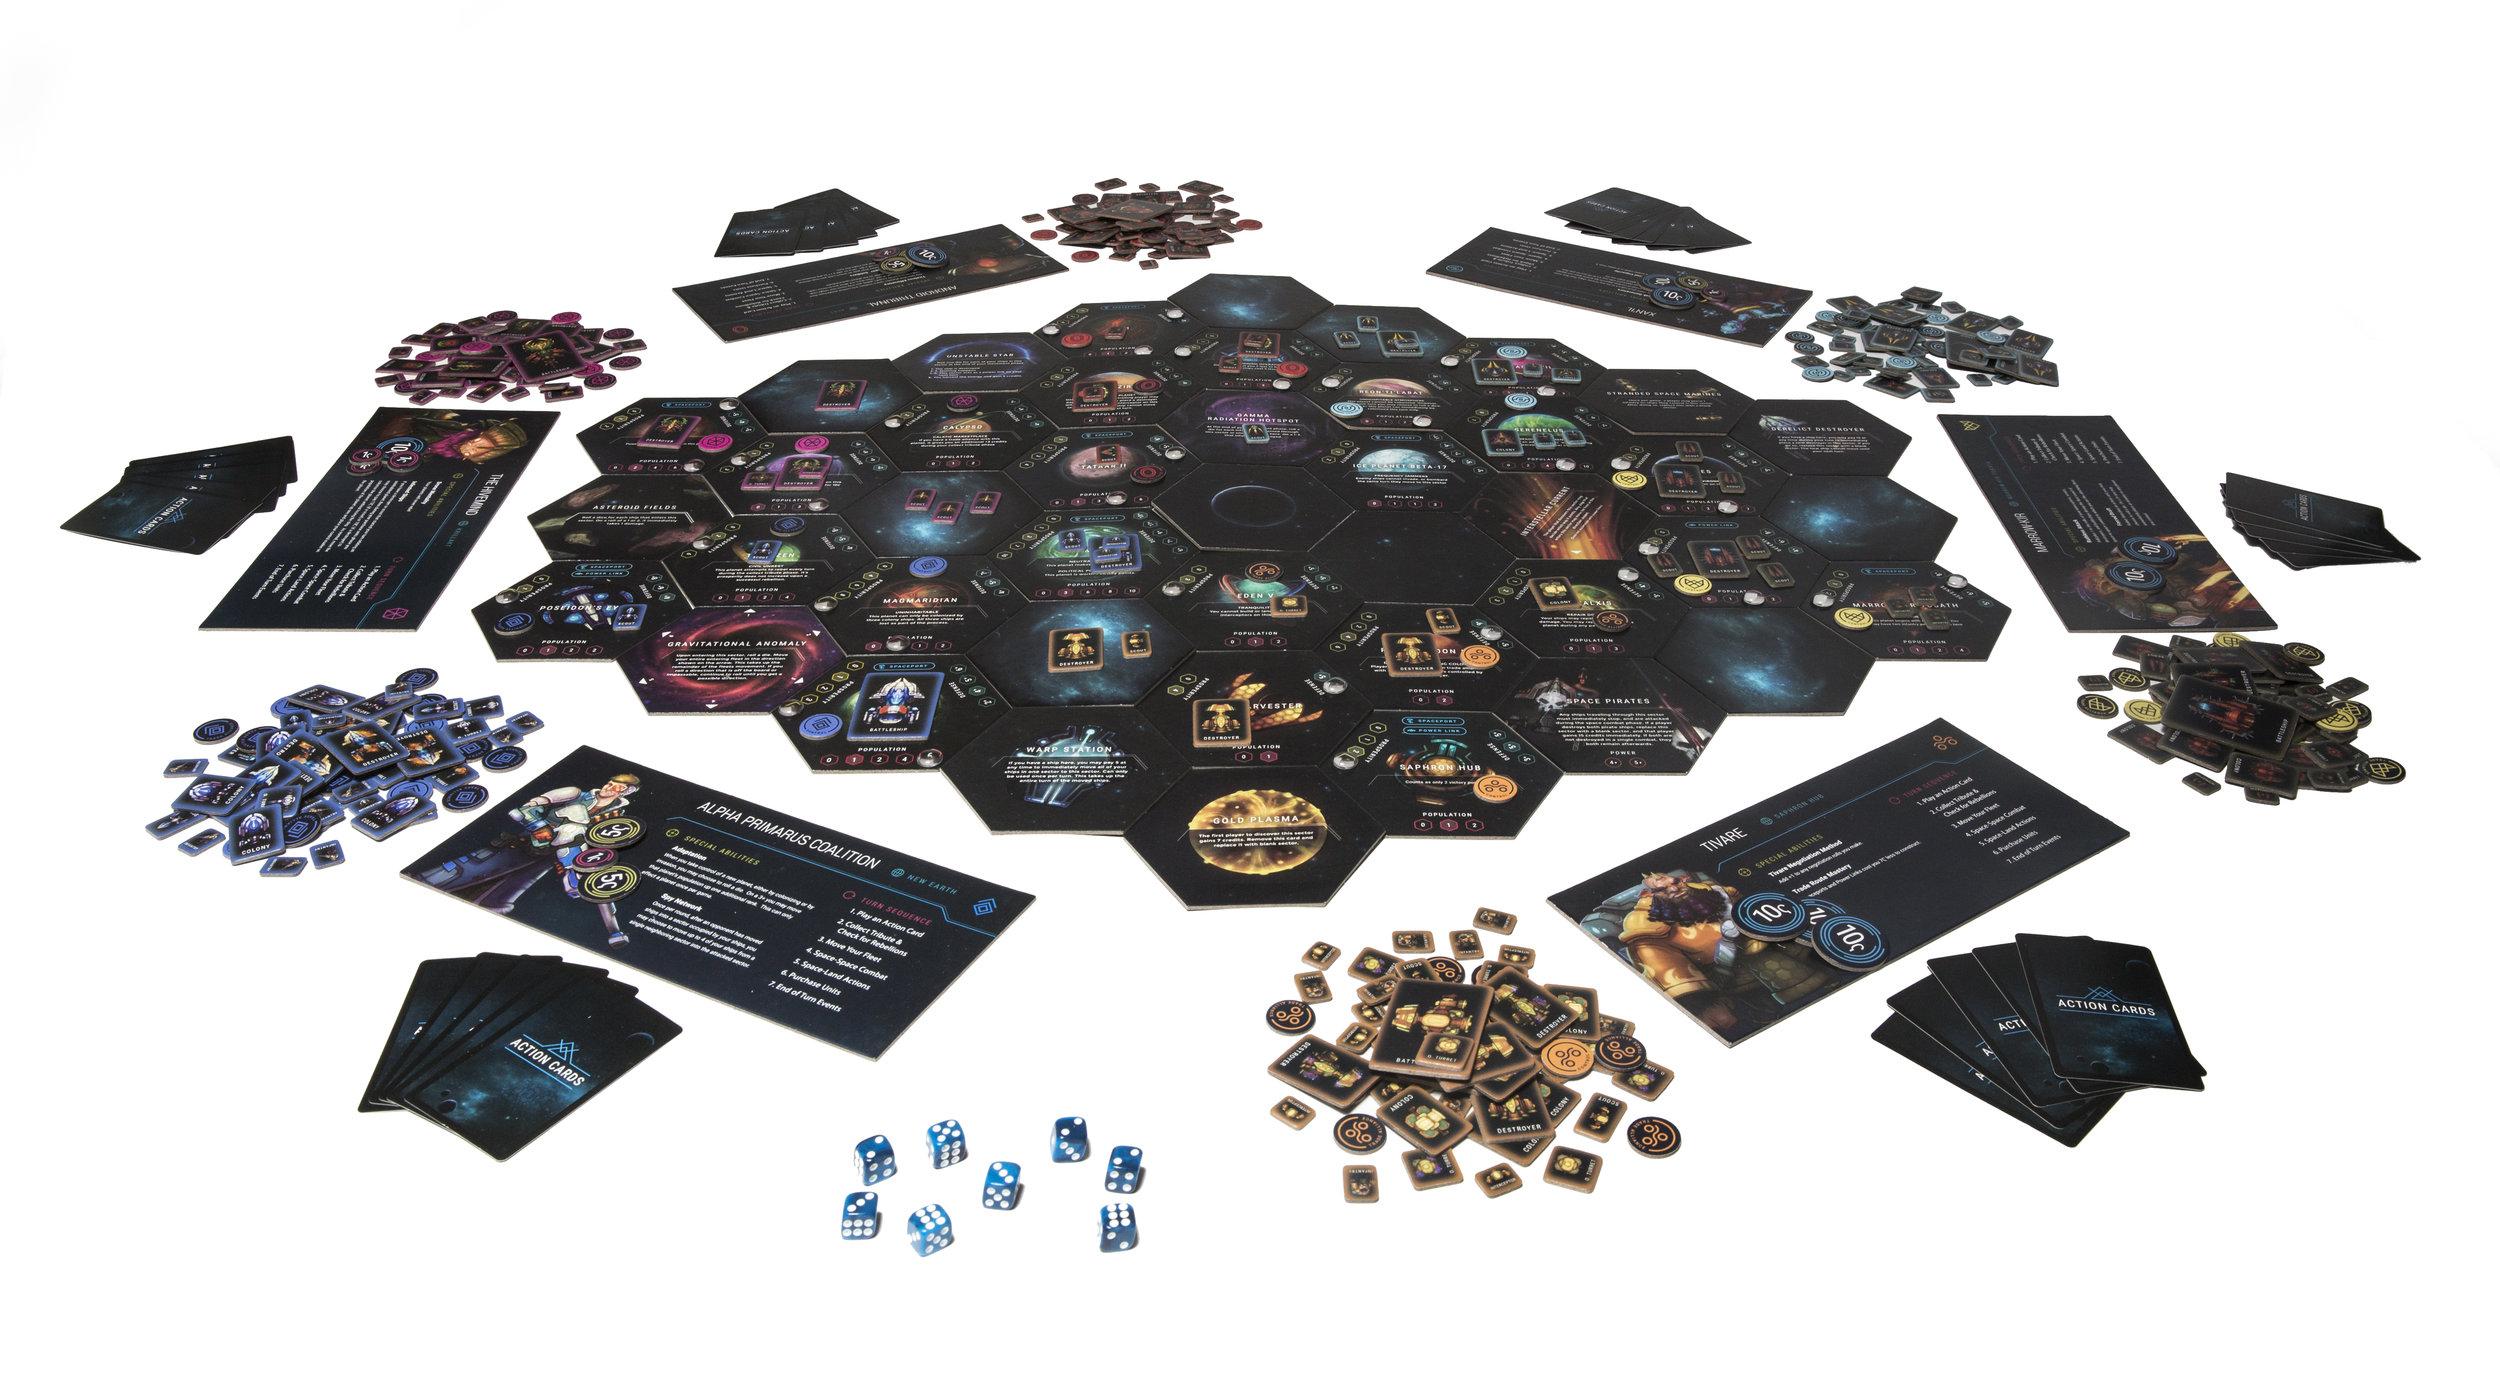 A six-player game setup